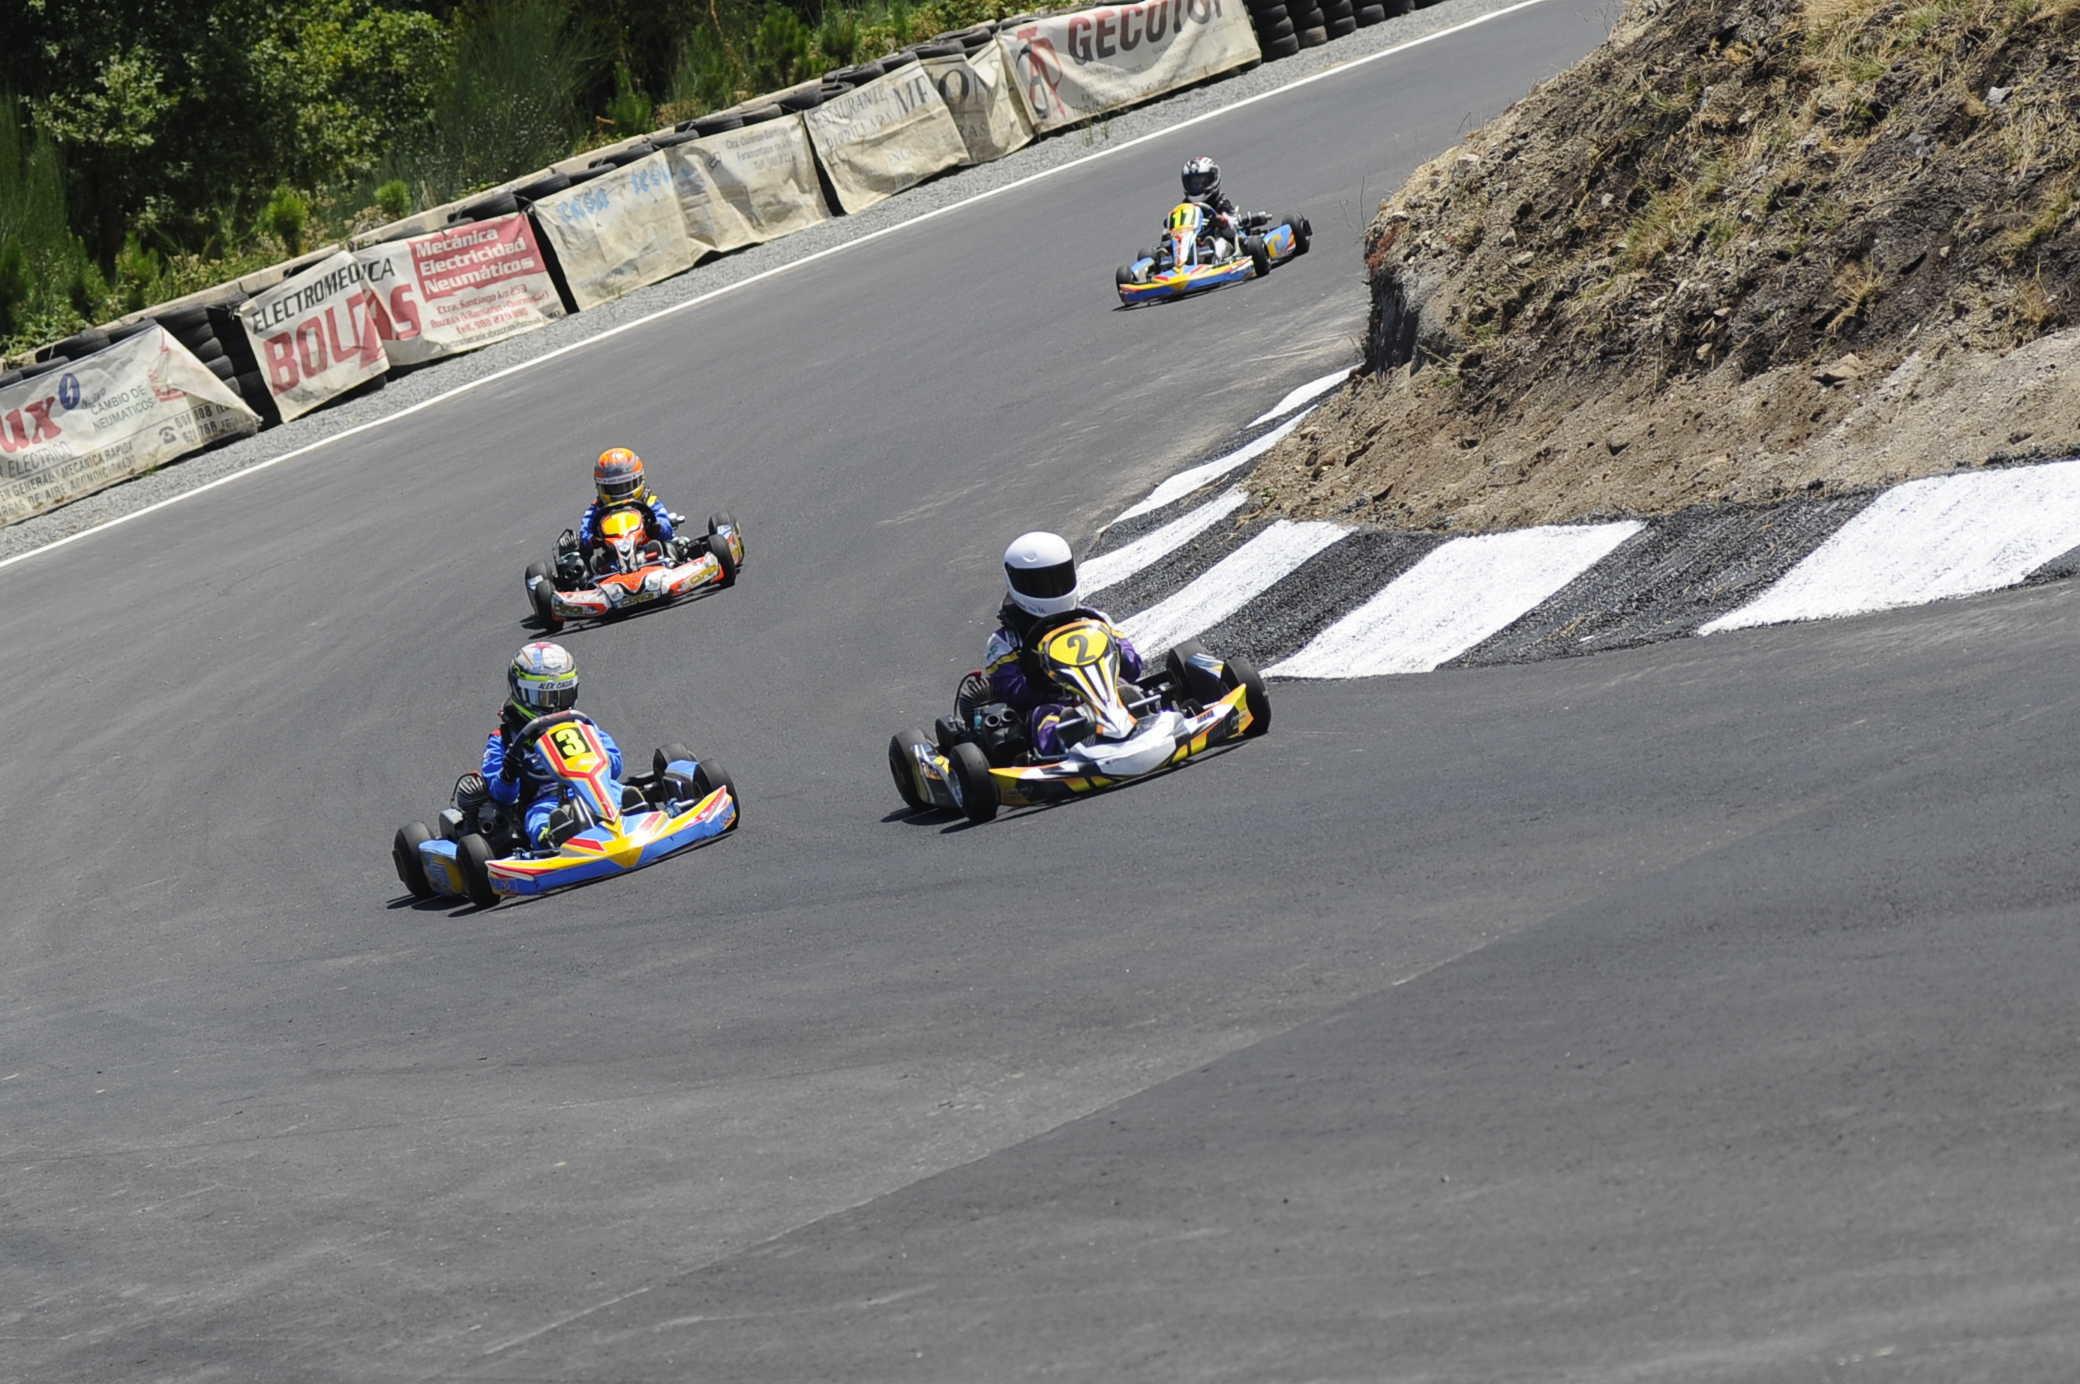 Circuito Karting : Día de karting en el choqueiro motor la región diario de